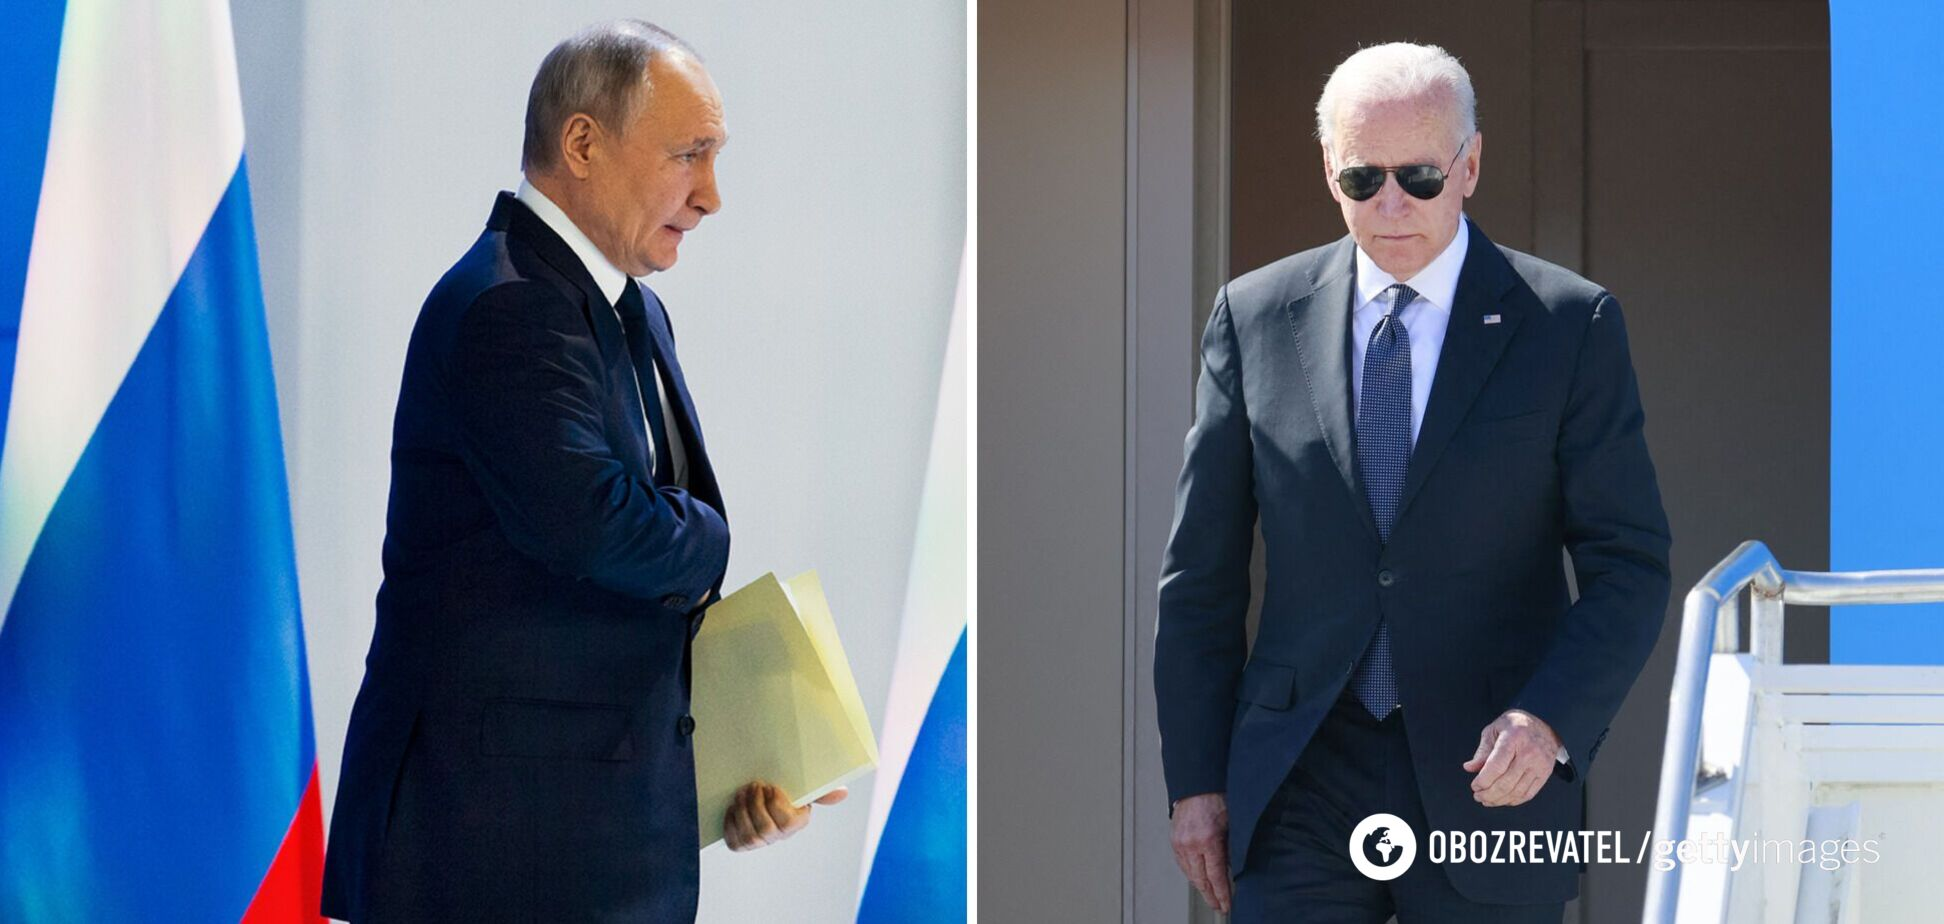 Де дивитися саміт Байдена і Путіна